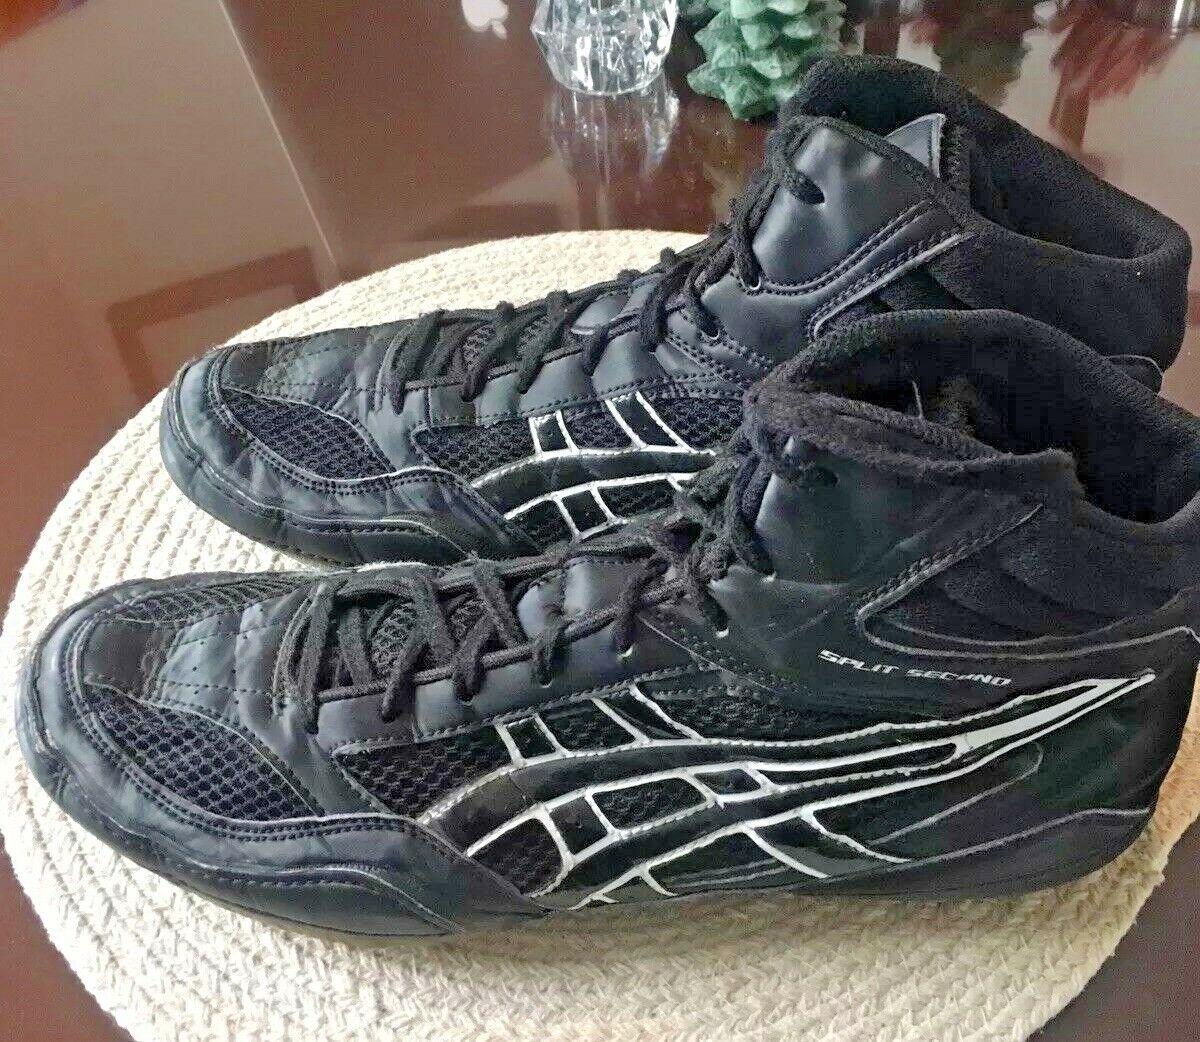 ASICS Spilt Second Black/white Mesh Wrestling Shoes Mens 12